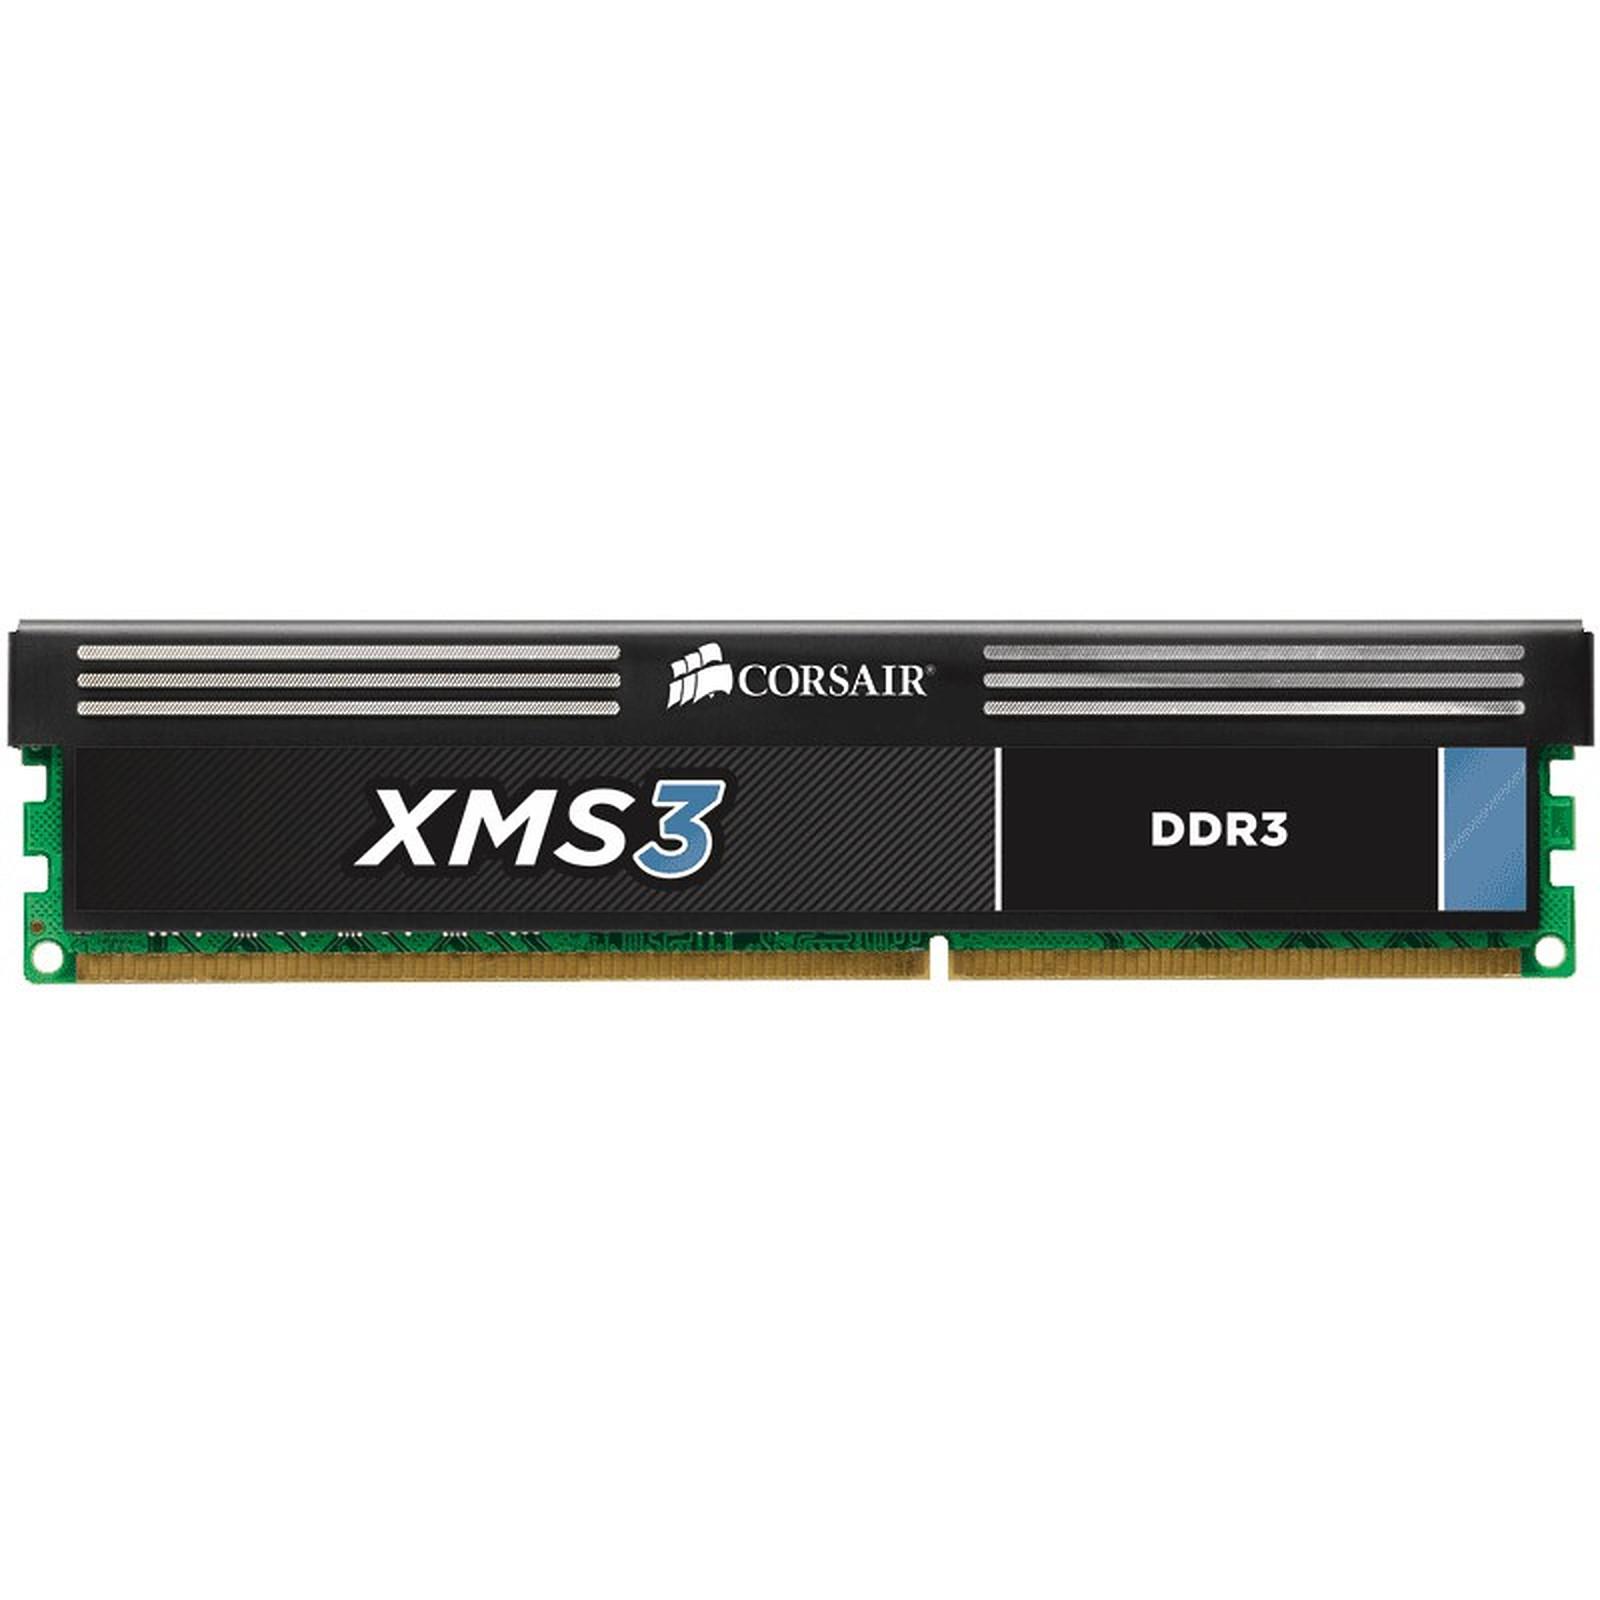 Corsair XMS3 2 Go DDR3 1333 MHz CL9